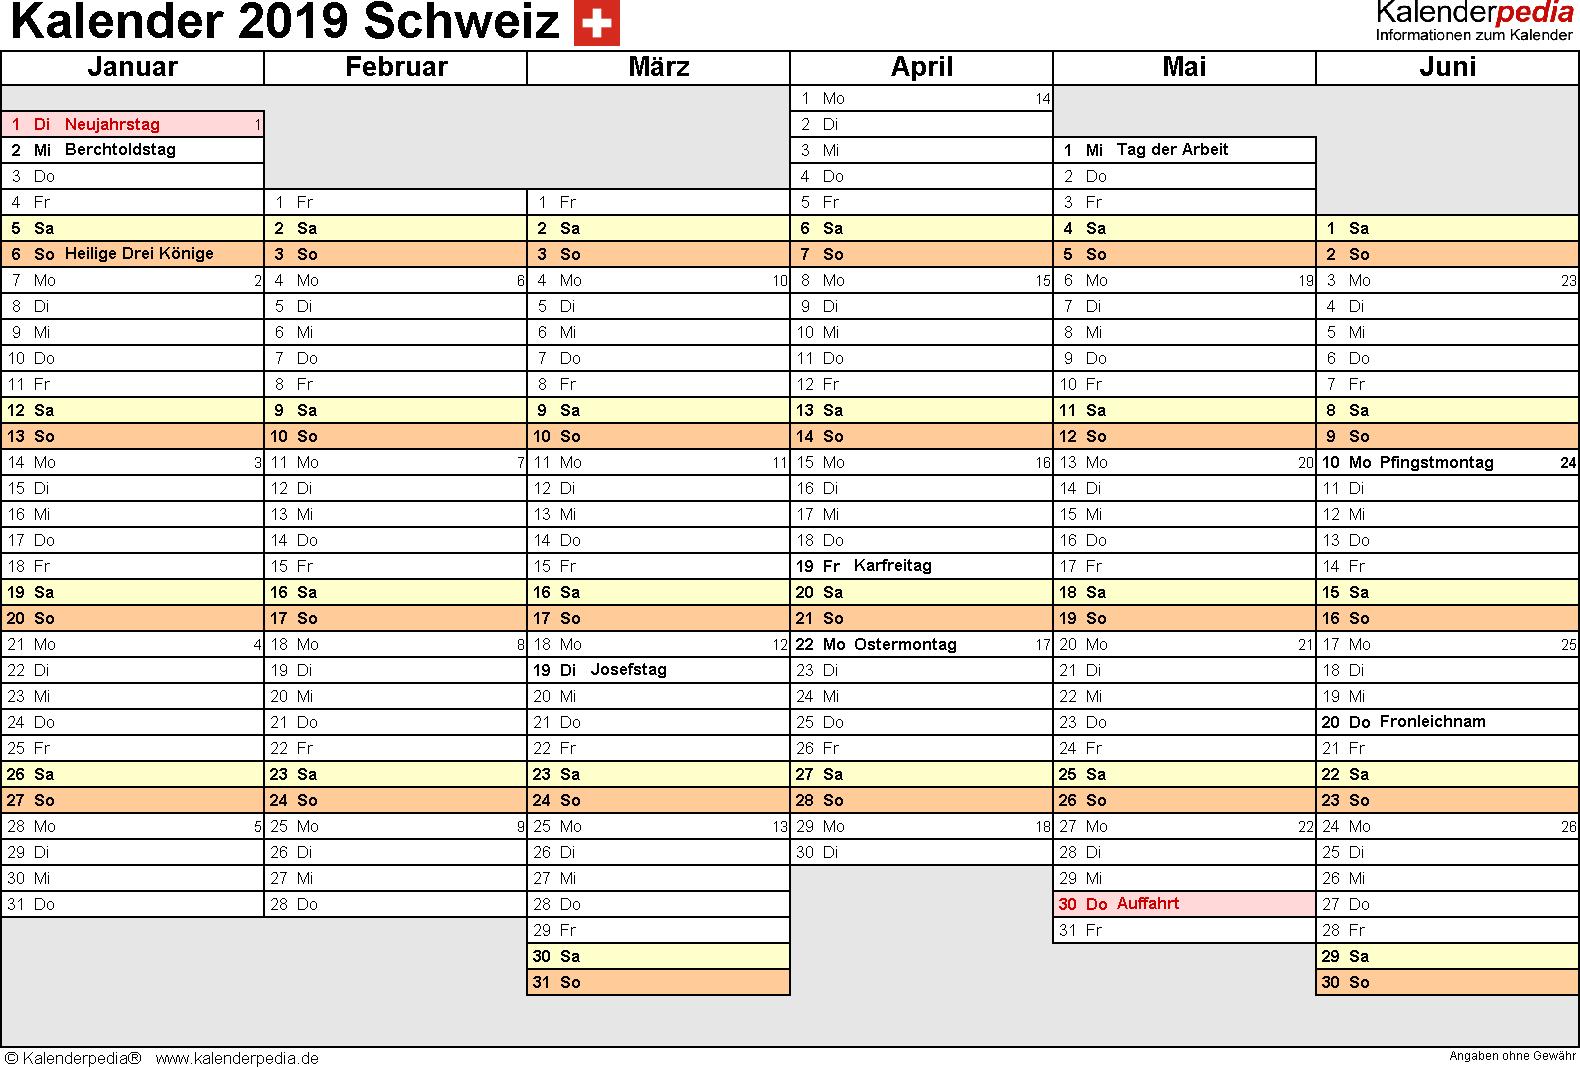 Vorlage 4: Kalender 2019 für die Schweiz  im Microsoft Excel-Format, Querformat, 2 Seiten, Wochentage linear/nebeneinander, 1. Jahreshälfte und 2. Jahreshälfte auf jeweils eigener Seite